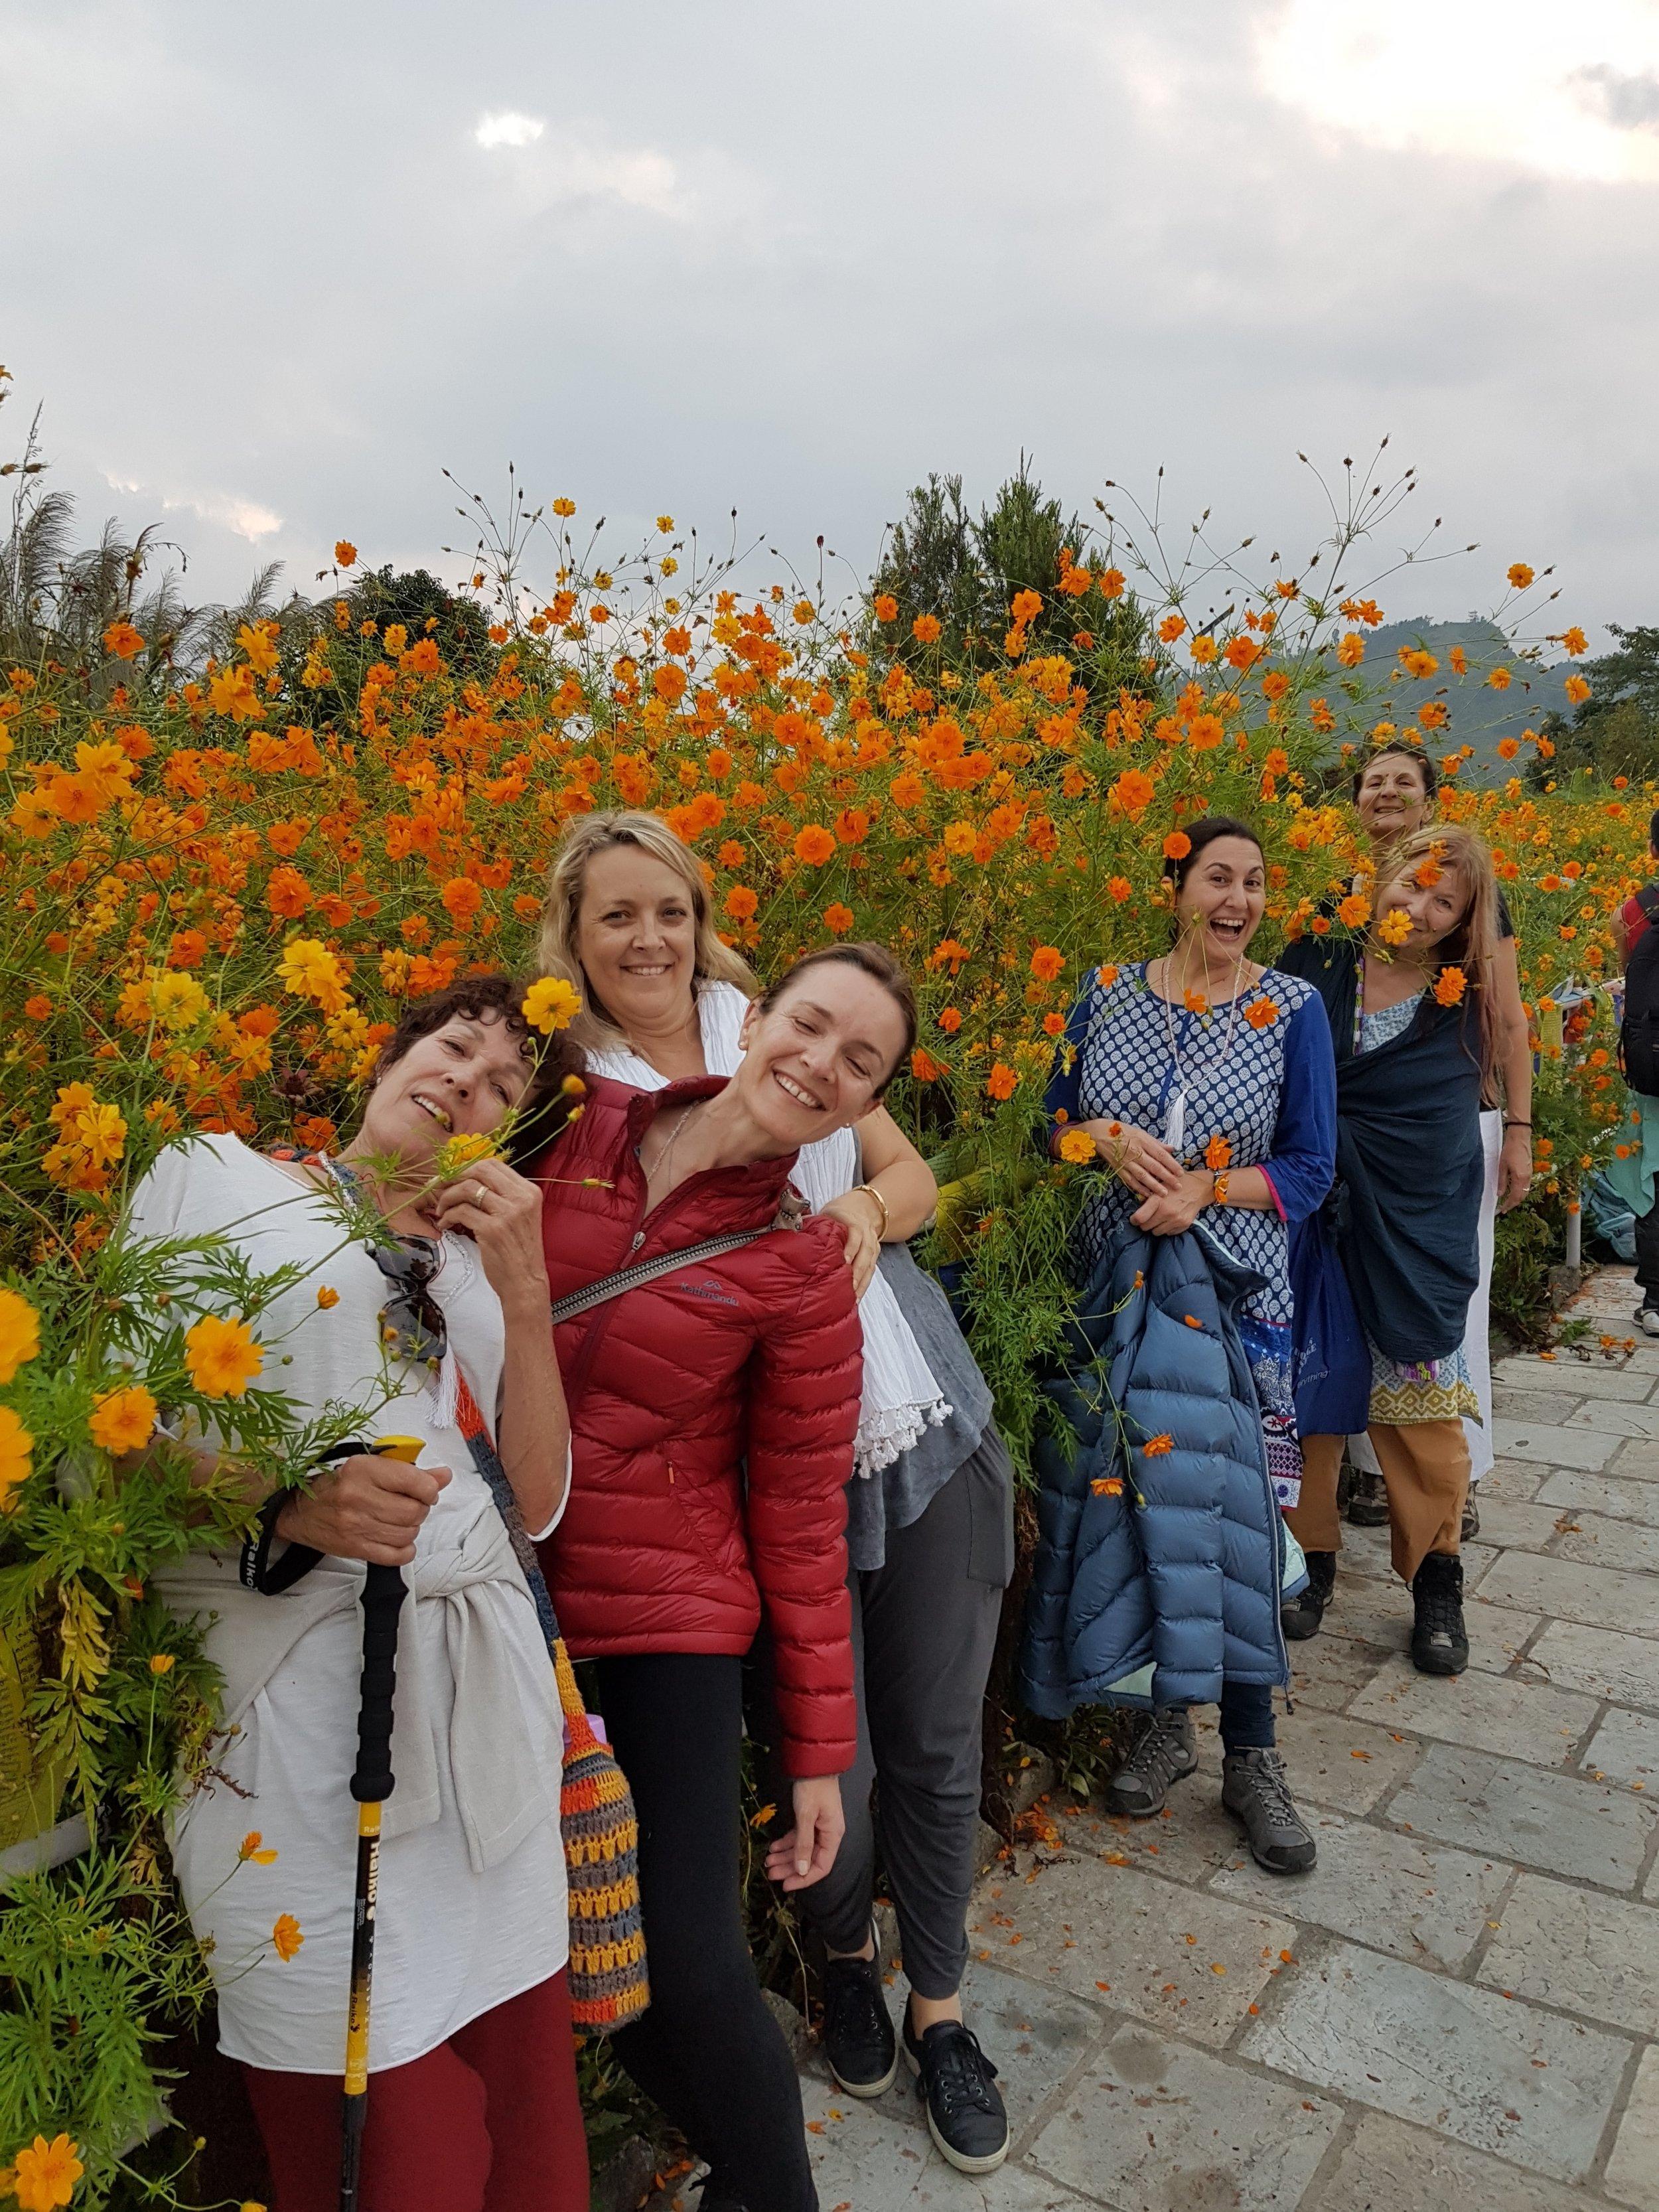 PeacePagodagroupflowers.jpg